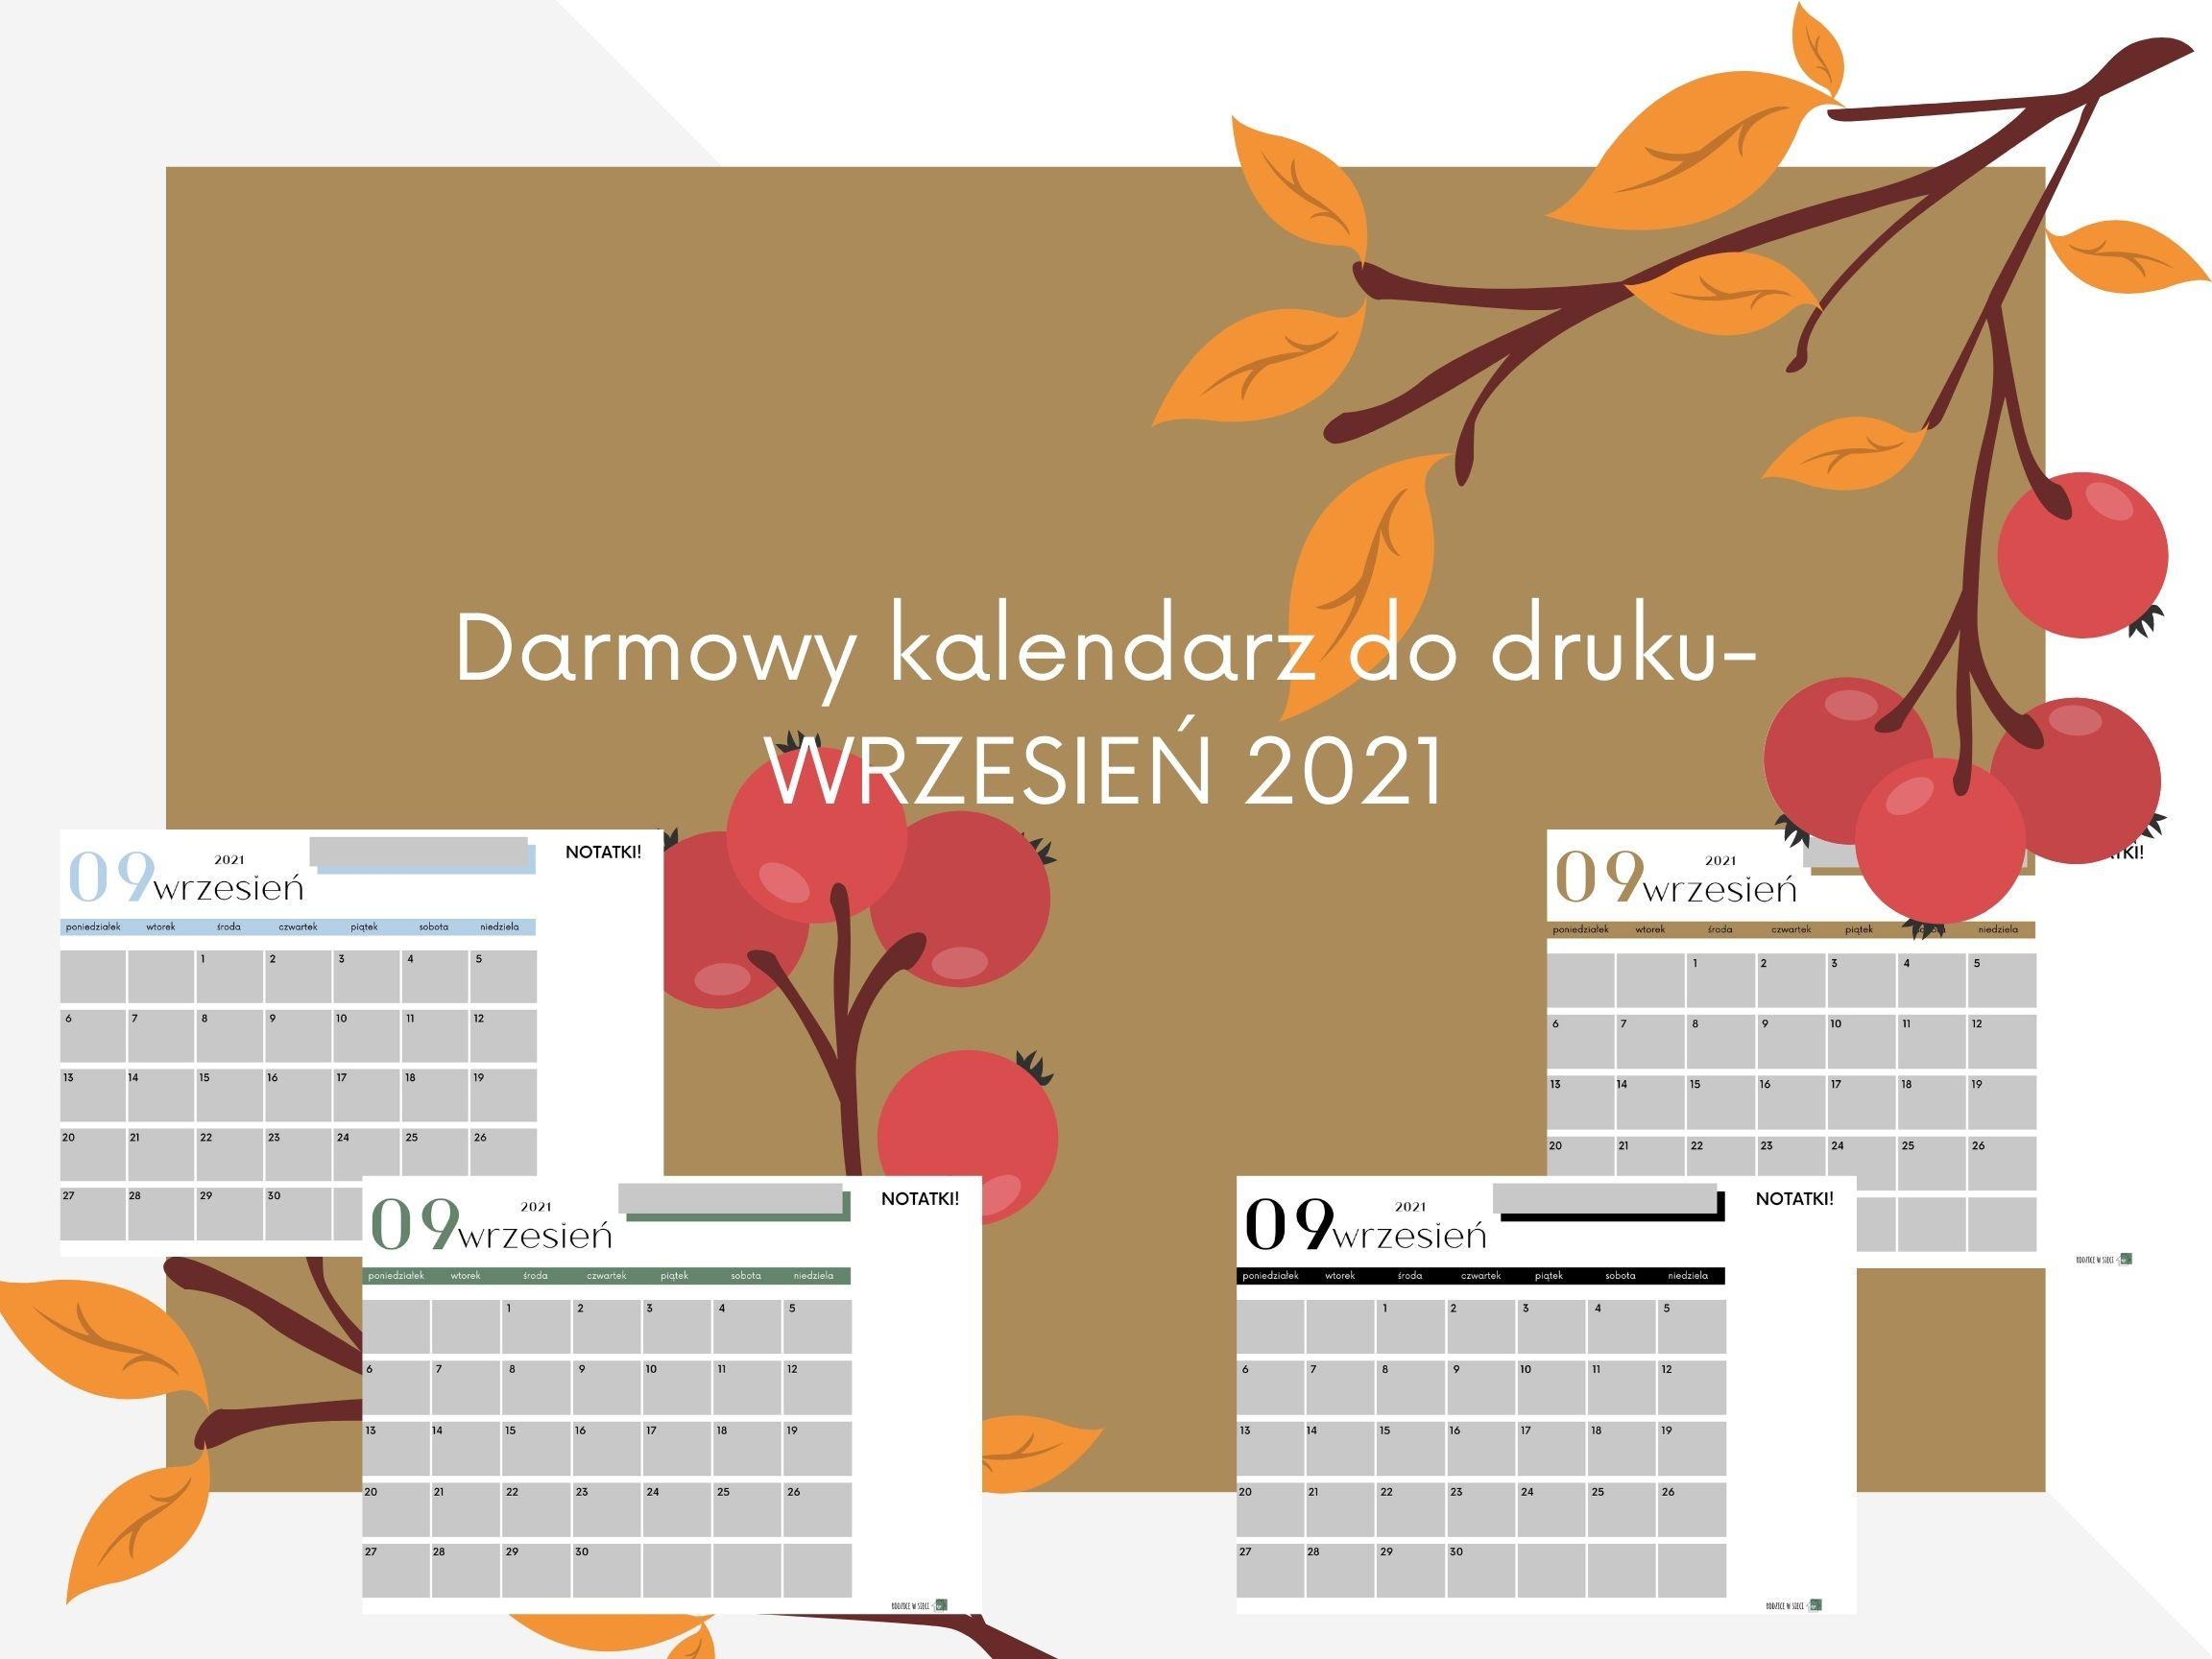 Darmowy kalendarz do druku na WRZESIEŃ 2021- pobierz, drukuj, planuj.